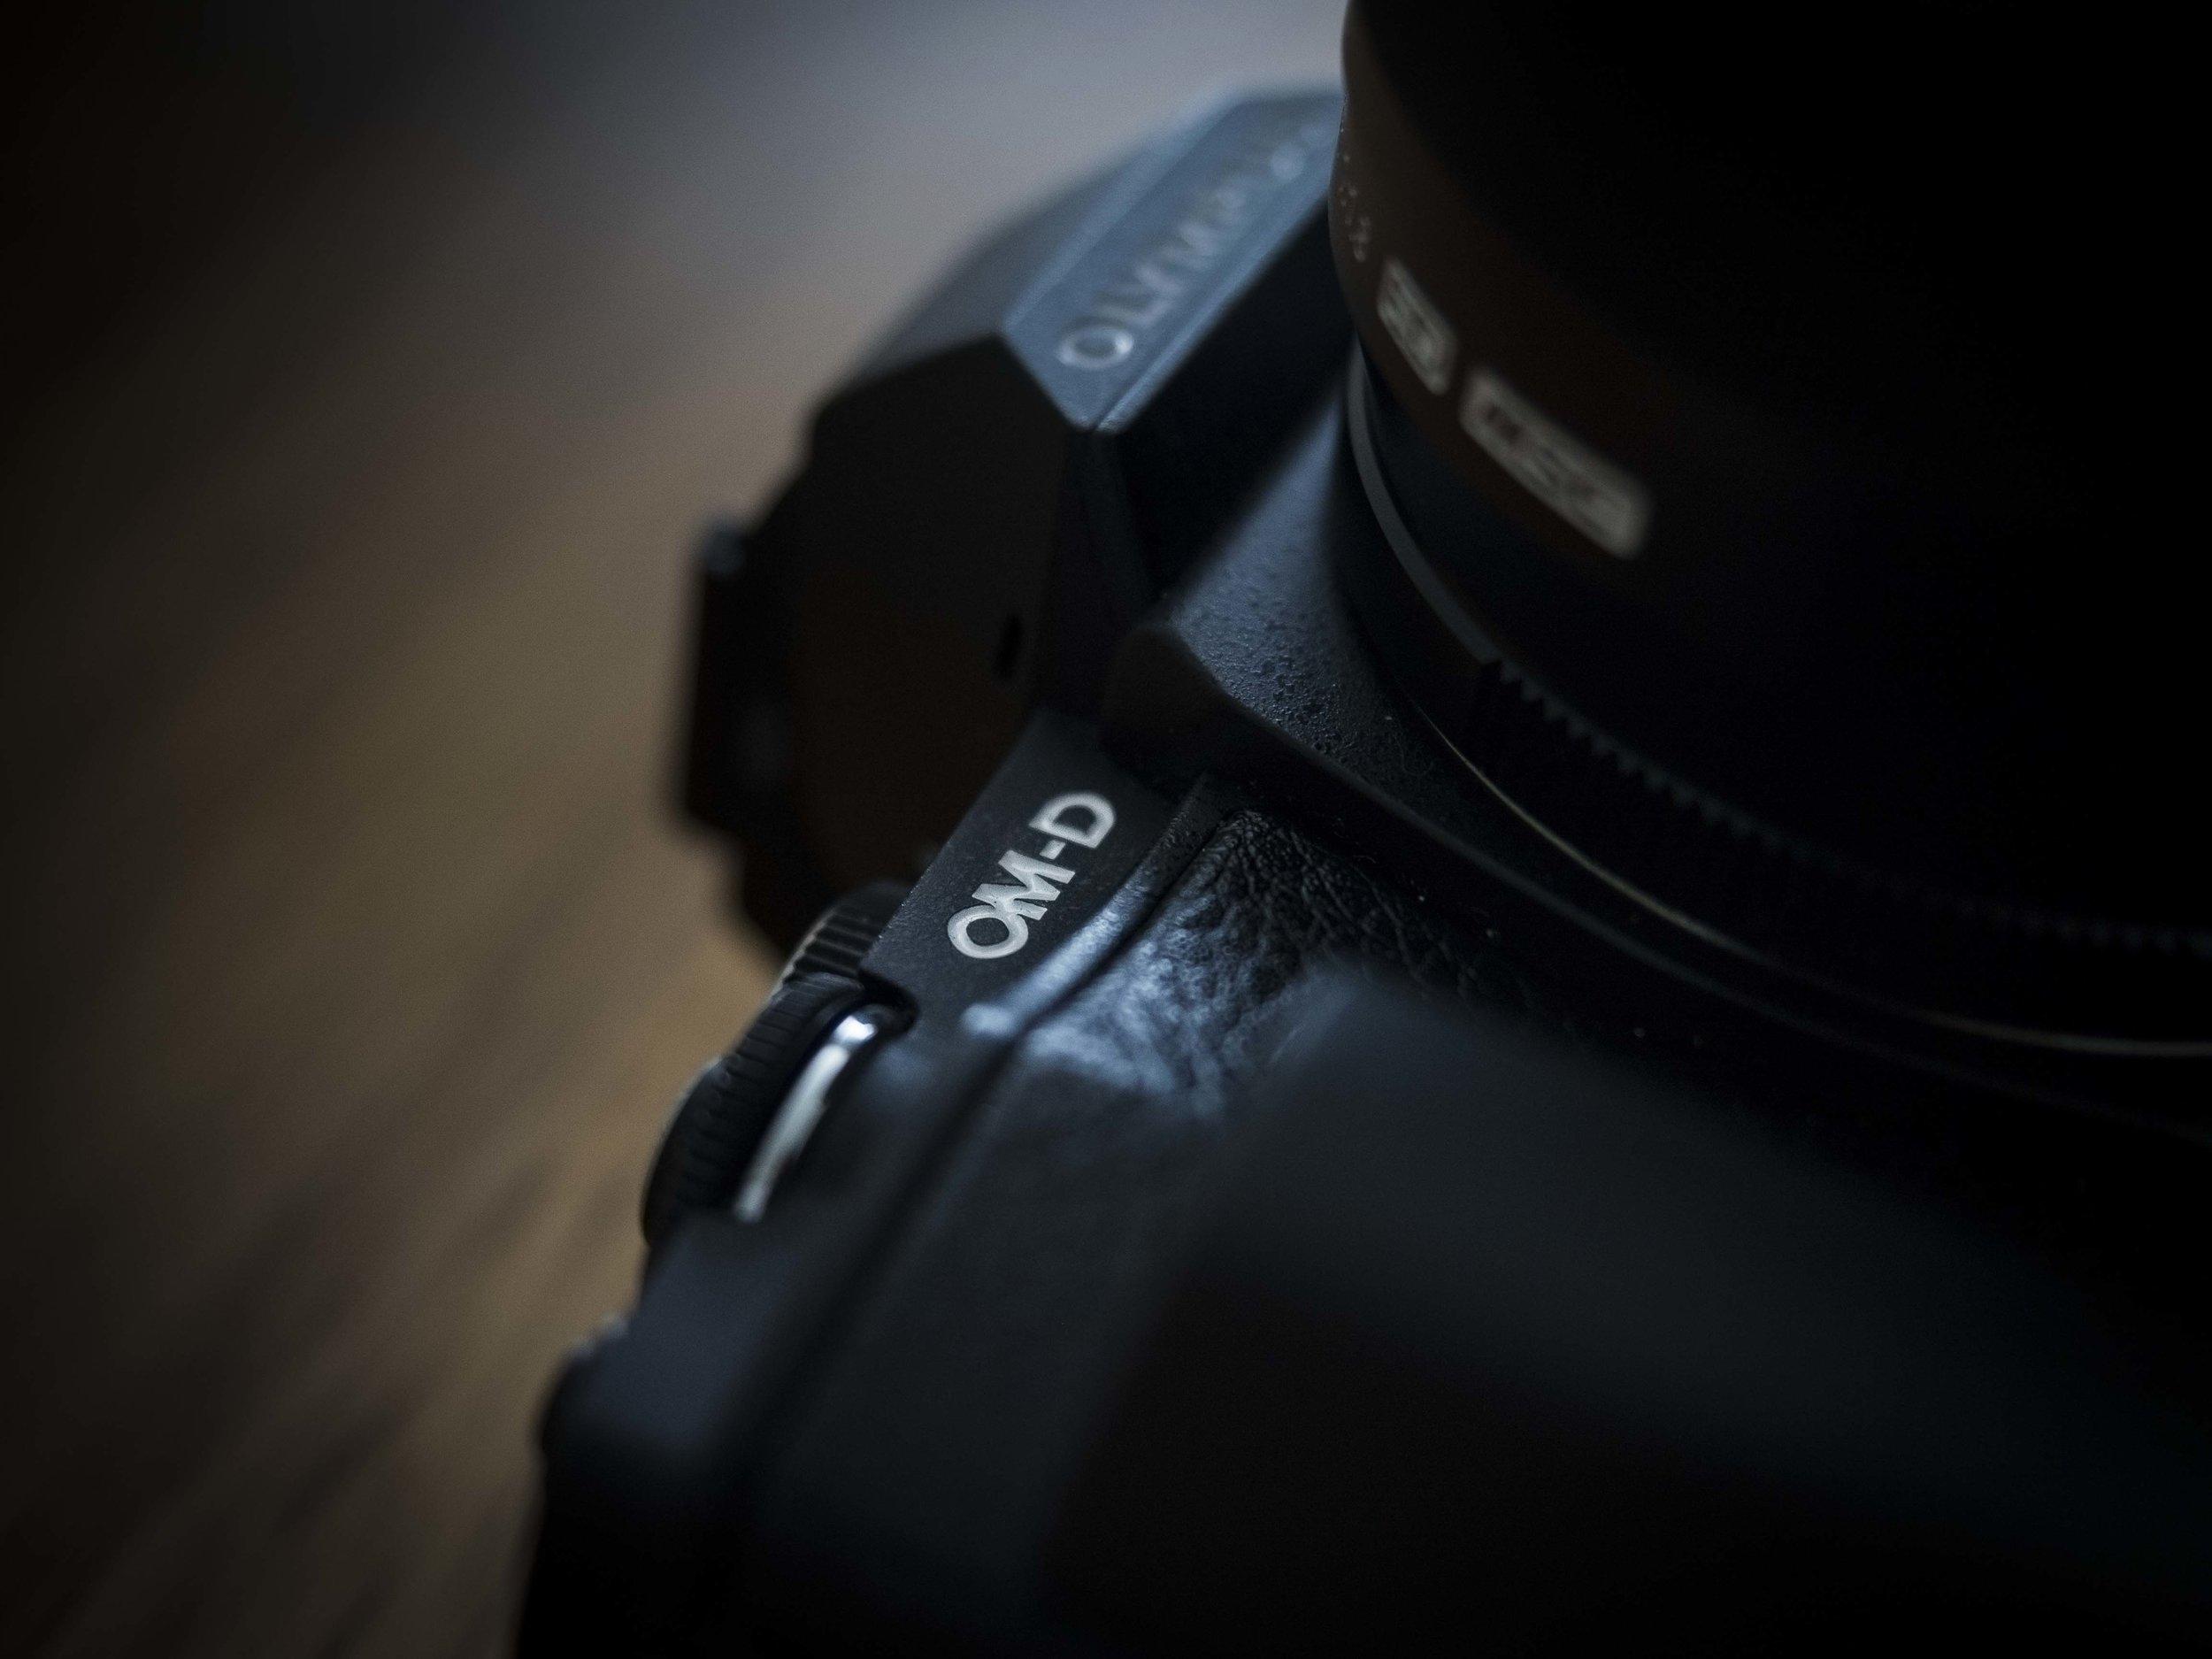 OMD 12-40 at 40mm f2.8. Still sexy.